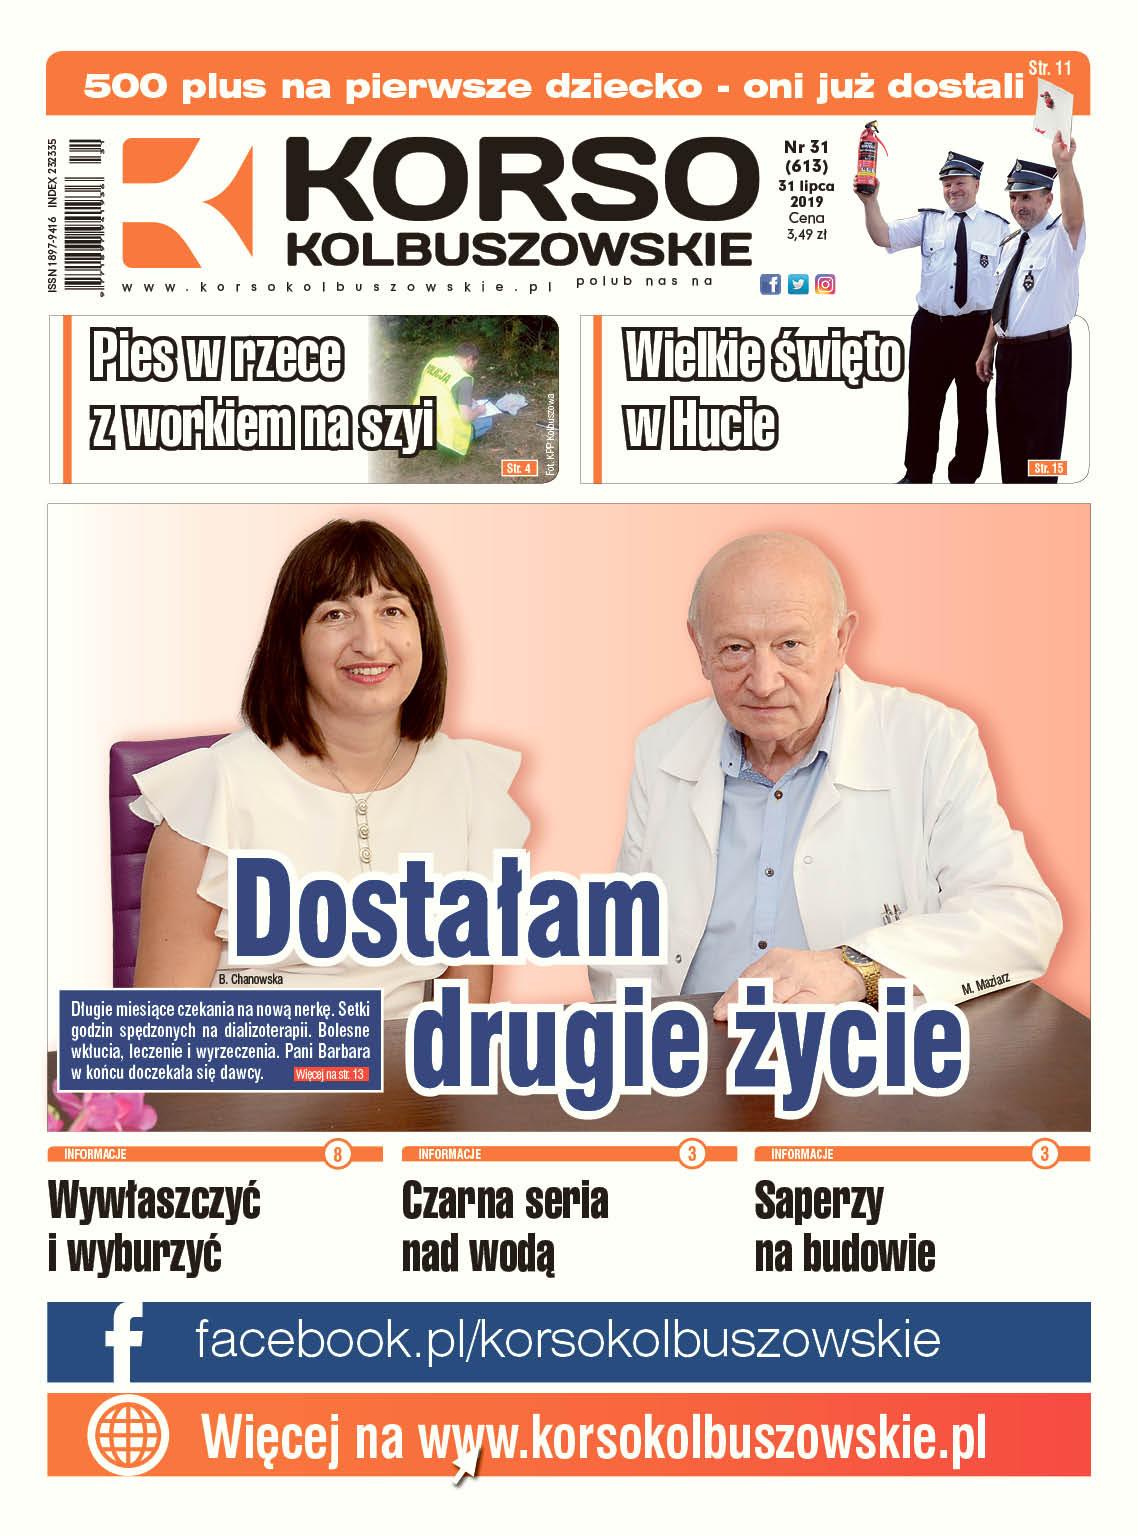 Korso Kolbuszowskie - nr 31/2019 - Zdjęcie główne